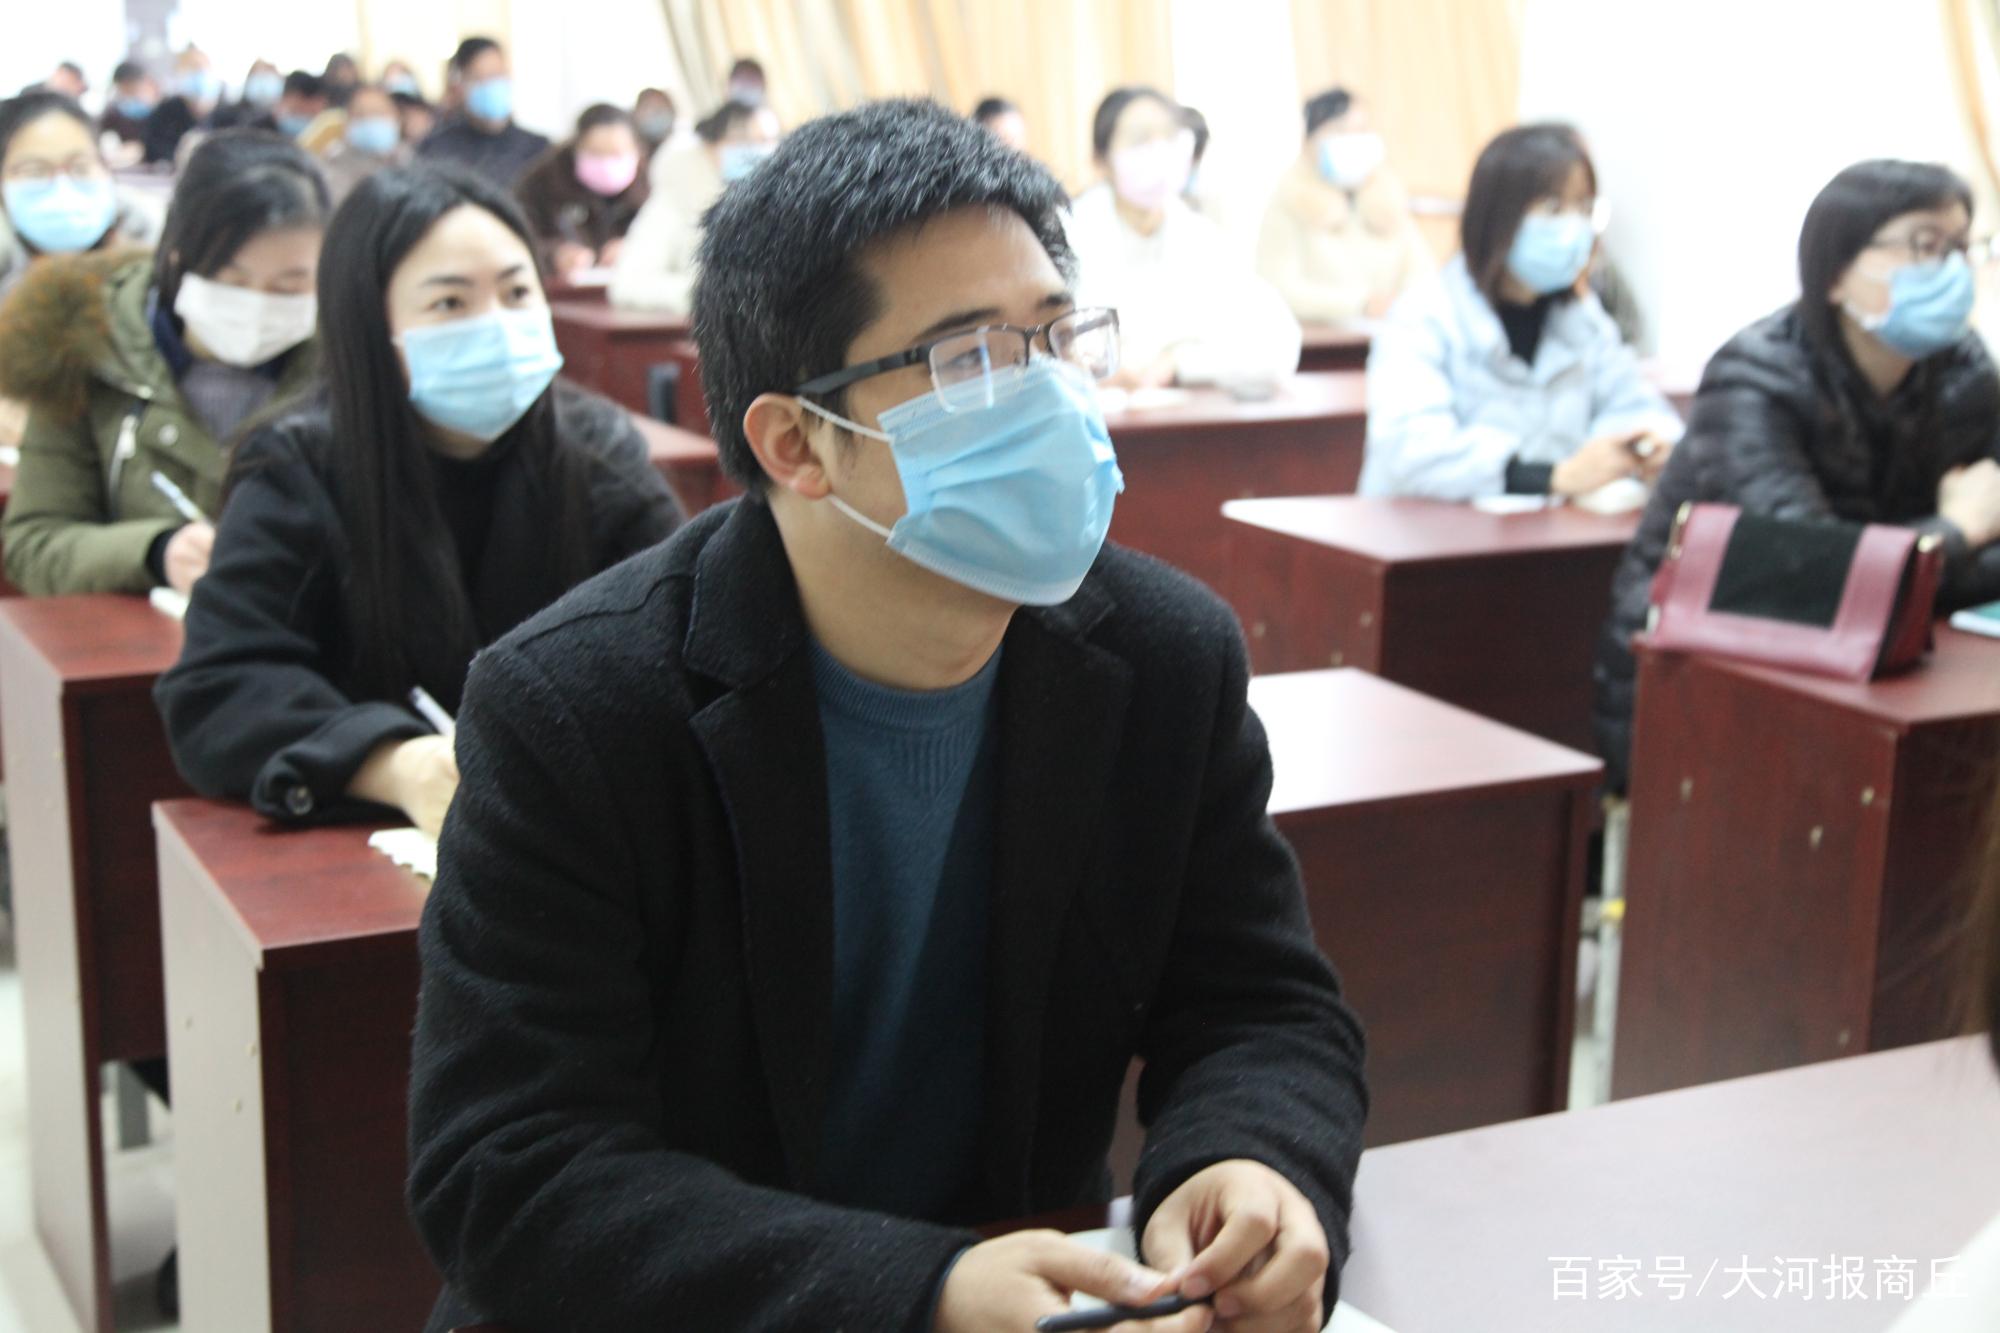 商丘中学开展新冠肺炎疫情防控技能知识培训